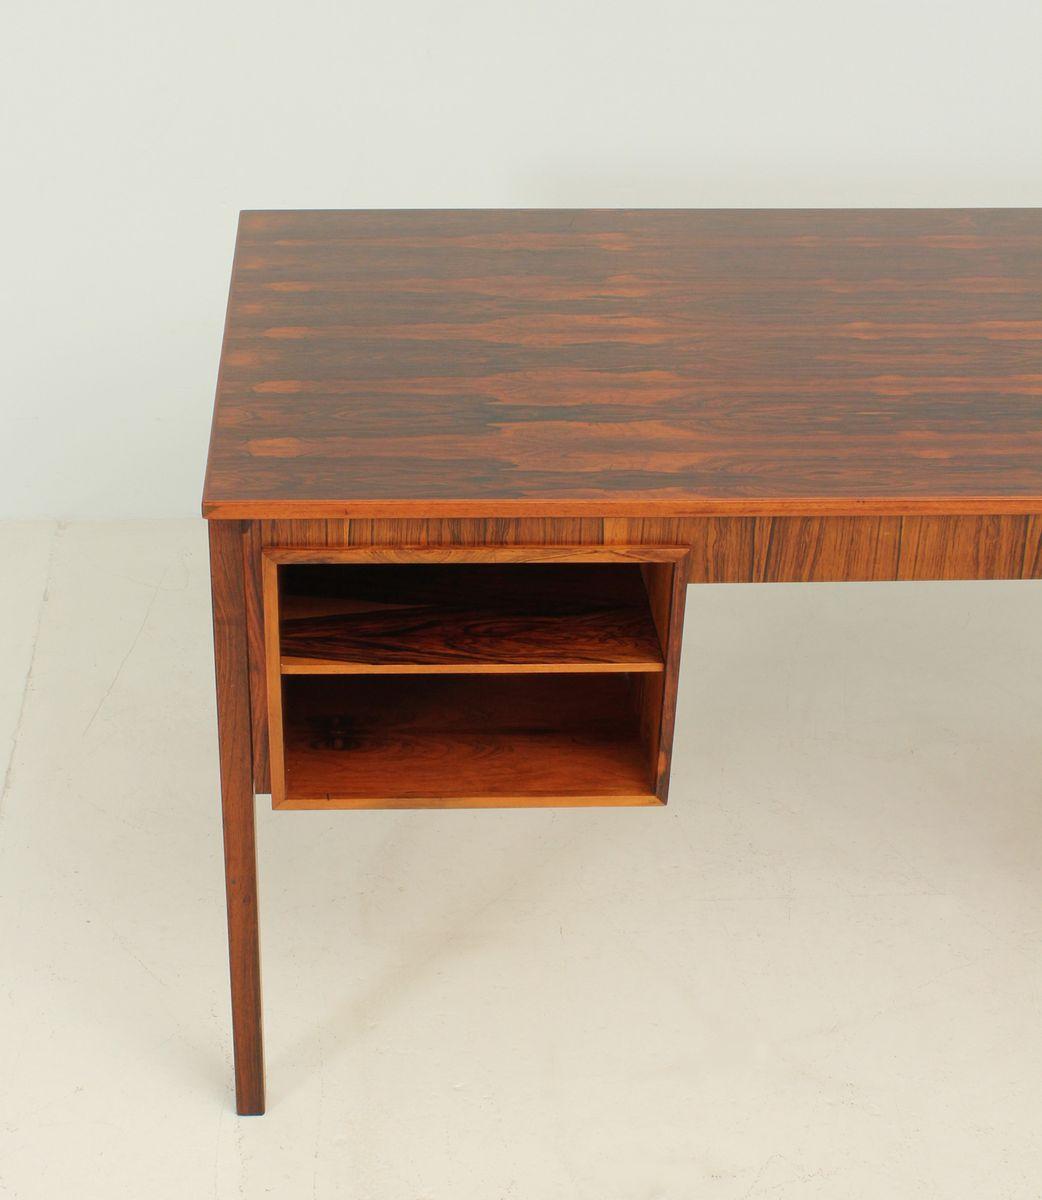 rio palisander schreibtisch von erik w rts bei pamono kaufen. Black Bedroom Furniture Sets. Home Design Ideas